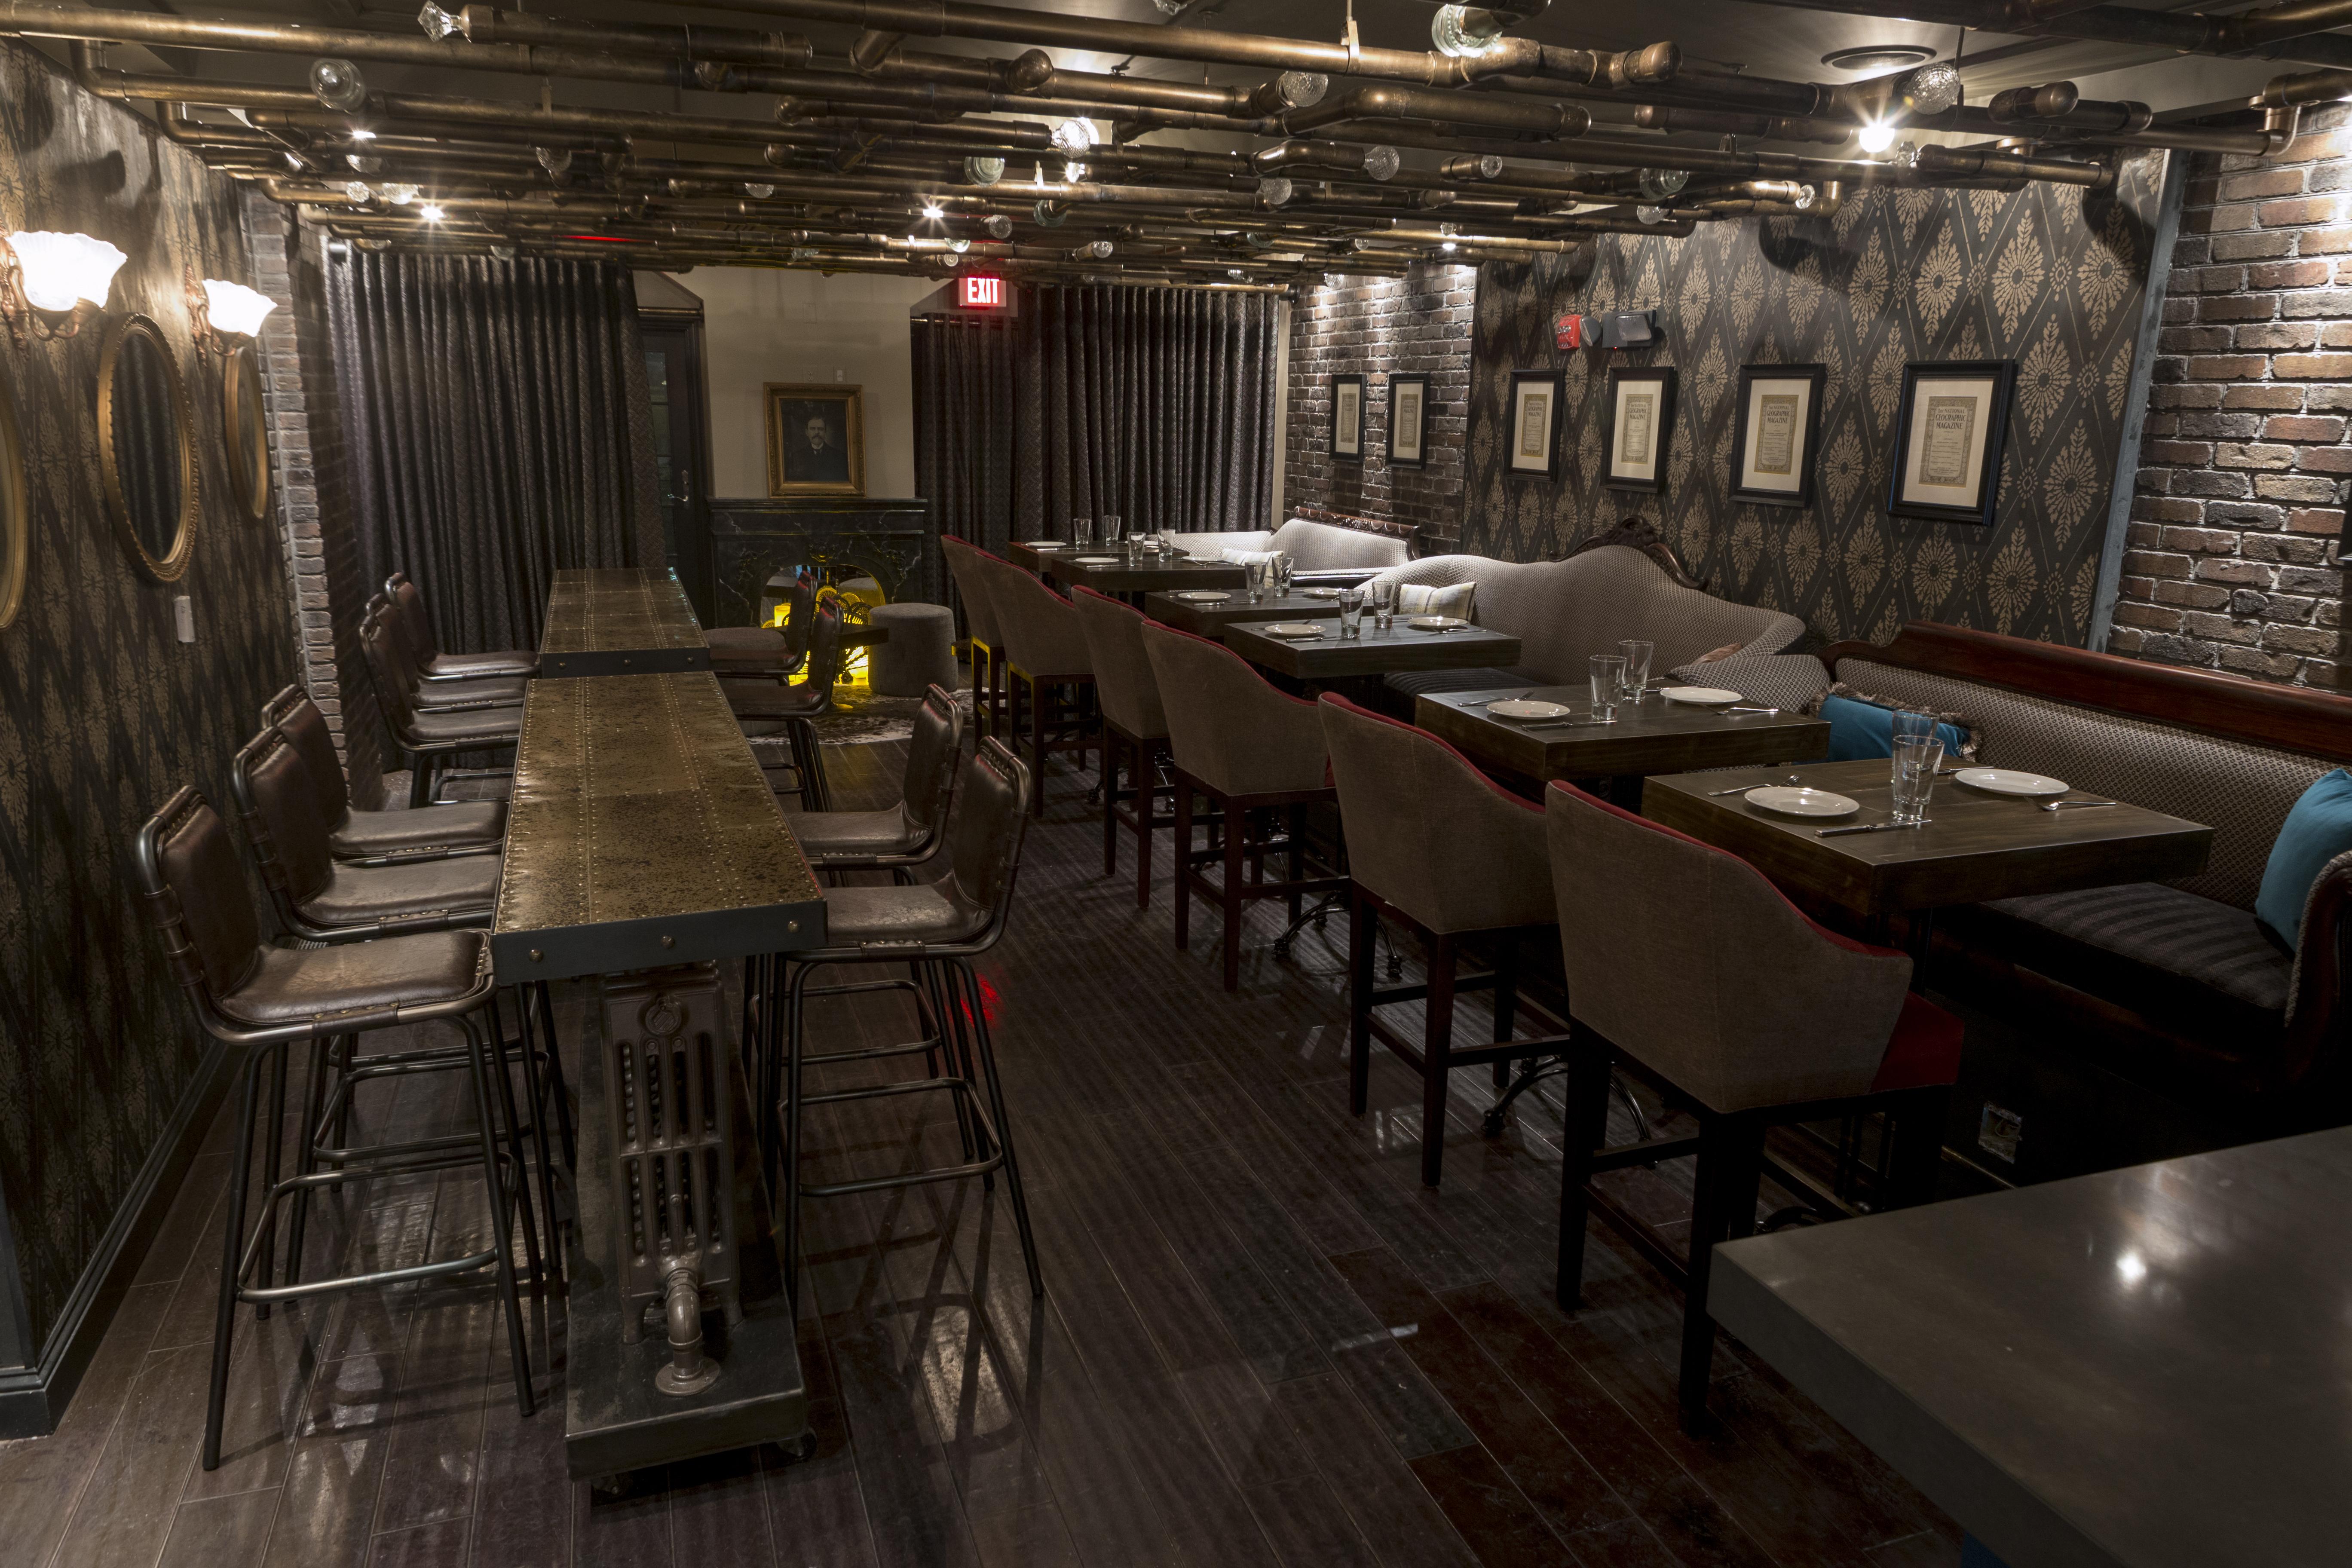 D.C. Now Has An Alexander Graham Bell-Themed, Steampunk-Inspired Restaurant